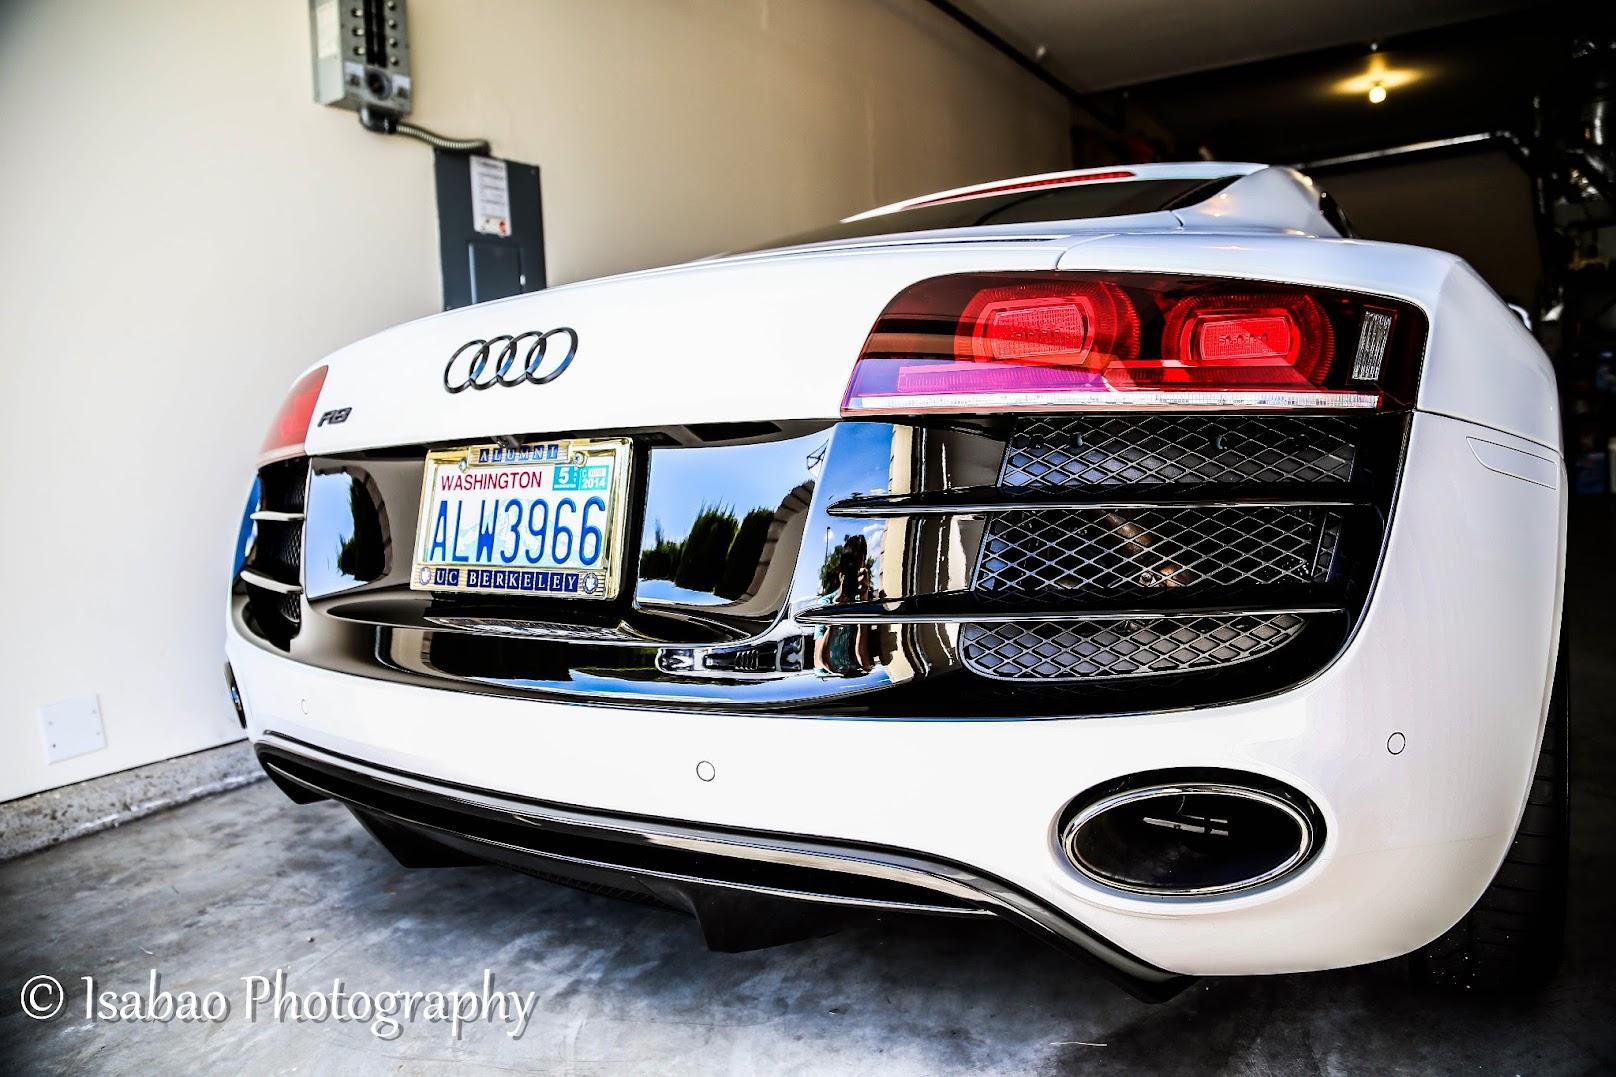 2013 Audi A7 Prestige Vs Premium Plus >> New photos for your enjoyment